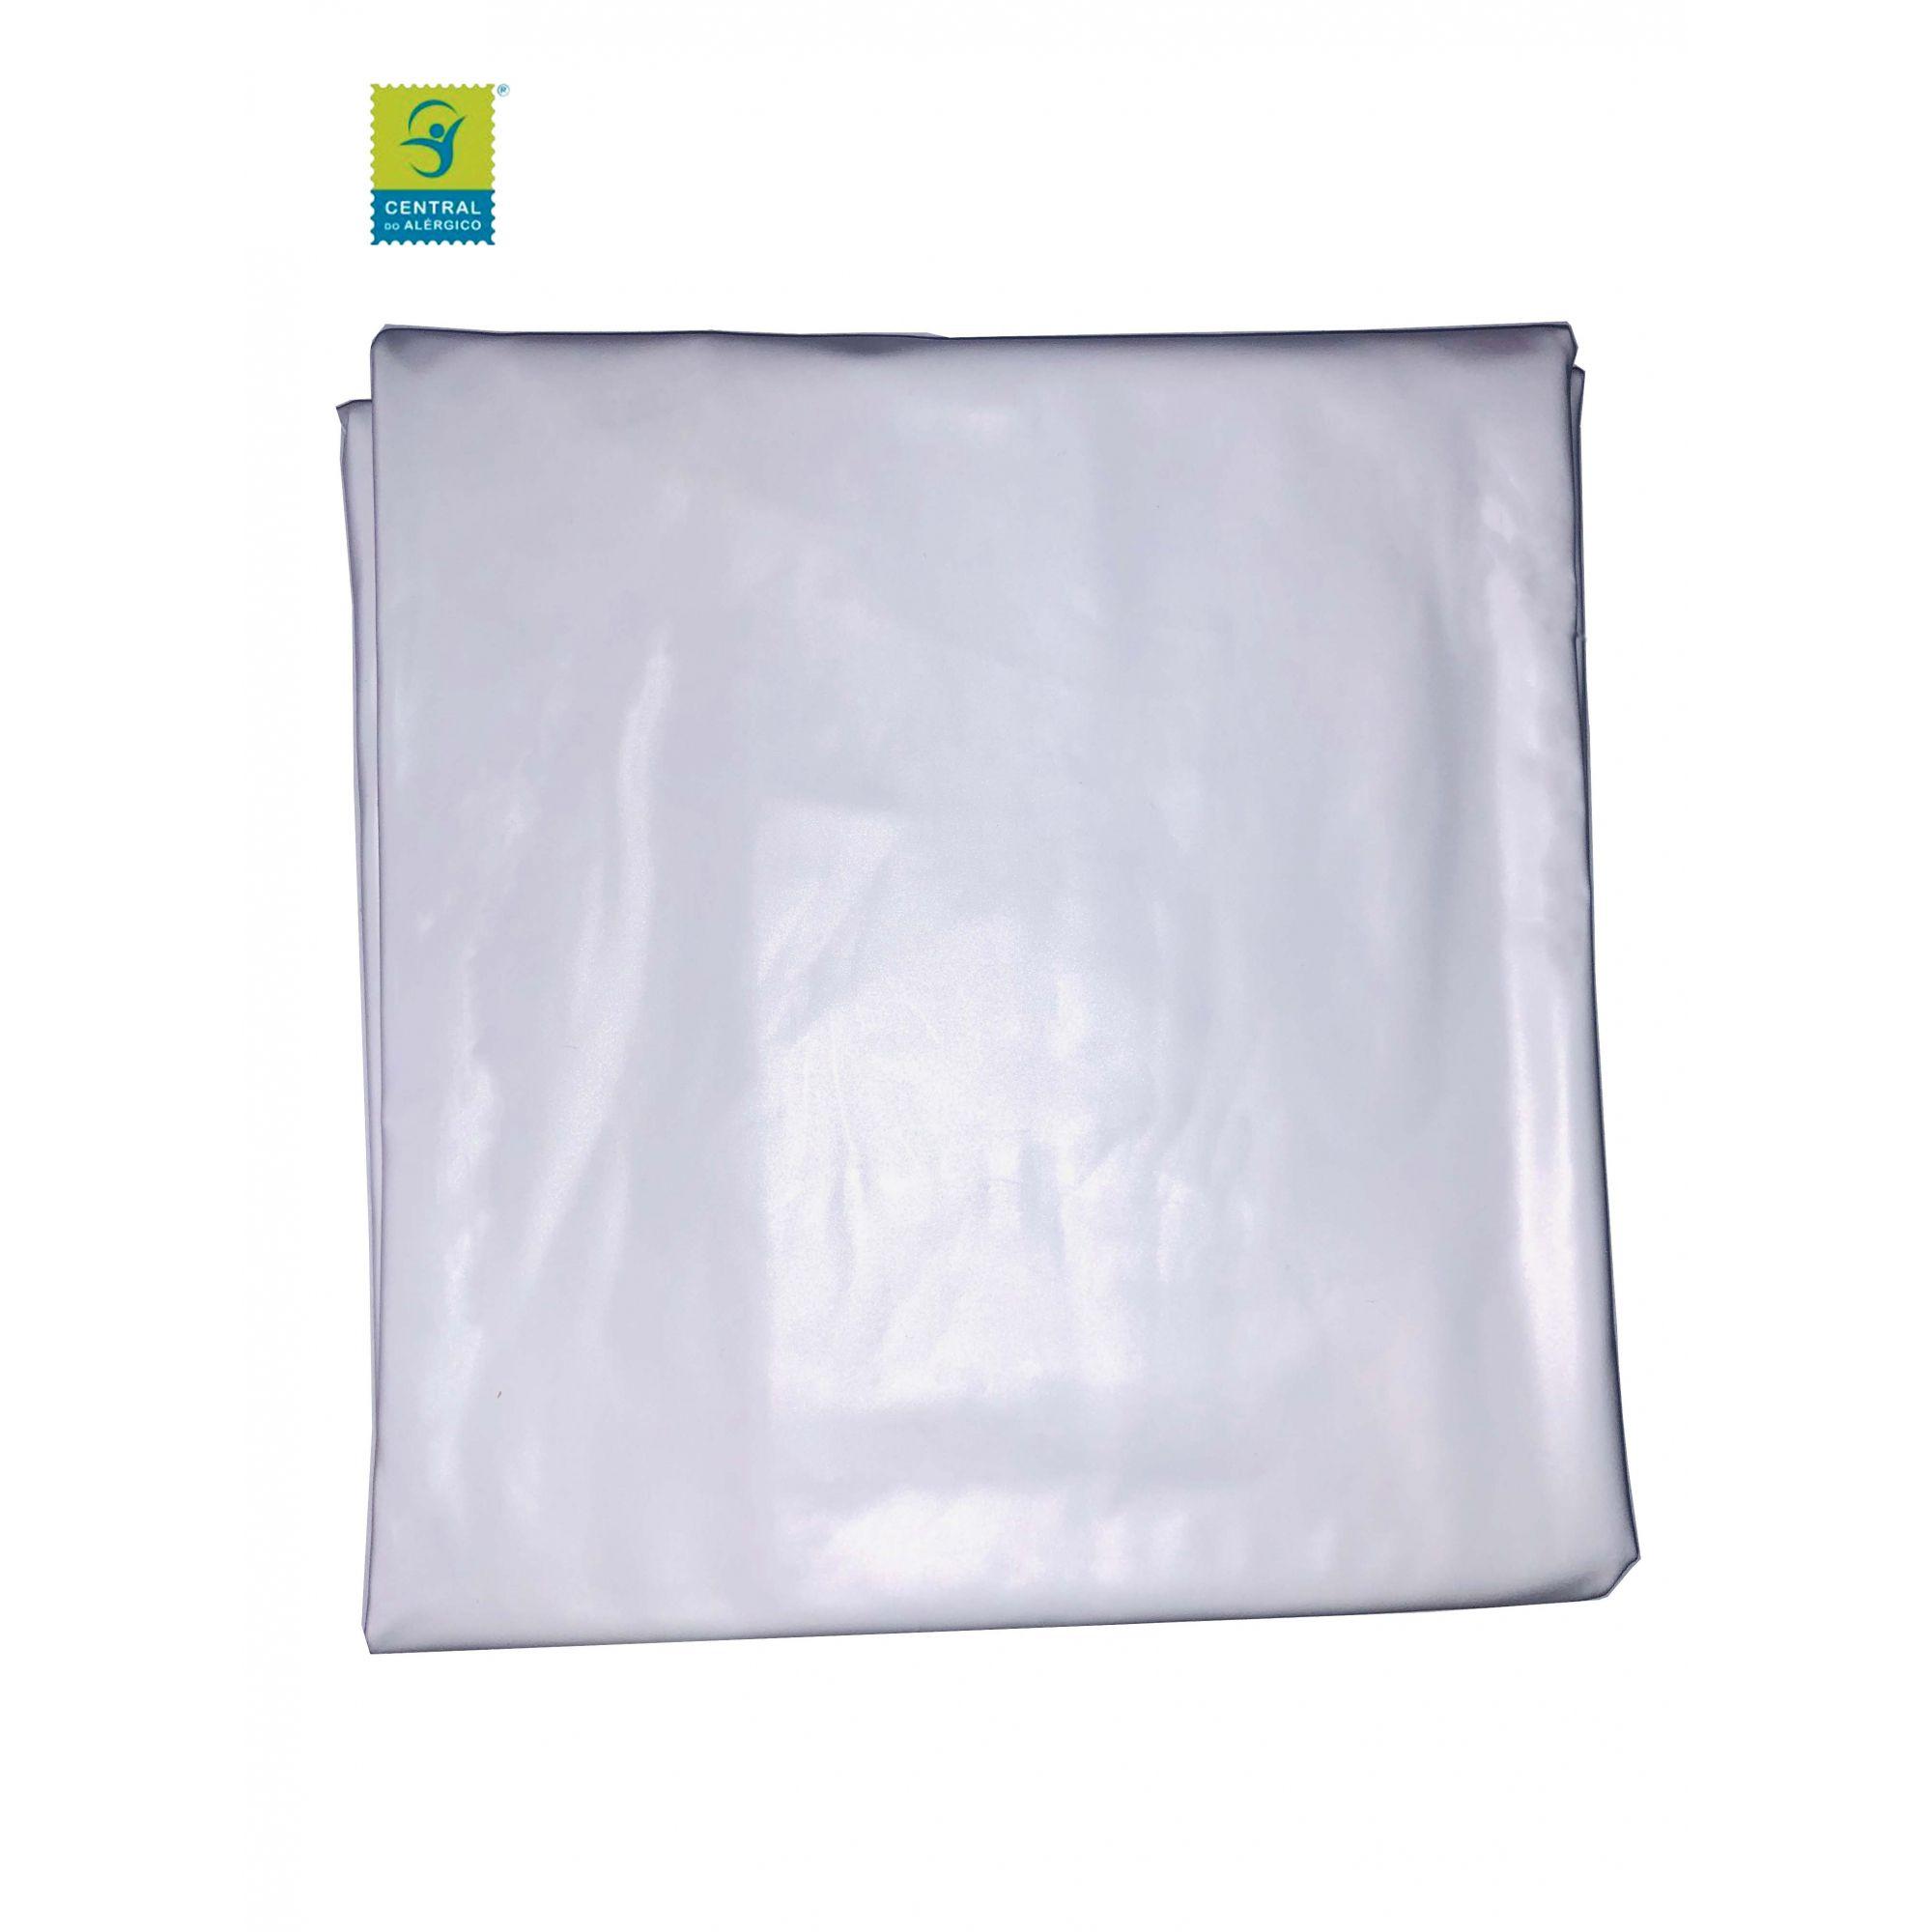 Traçado (Oleado) Impermeável 100% PVC Tam: 1,00 x 1,40cm - Protege o colchão em casos de incontinência urinária.